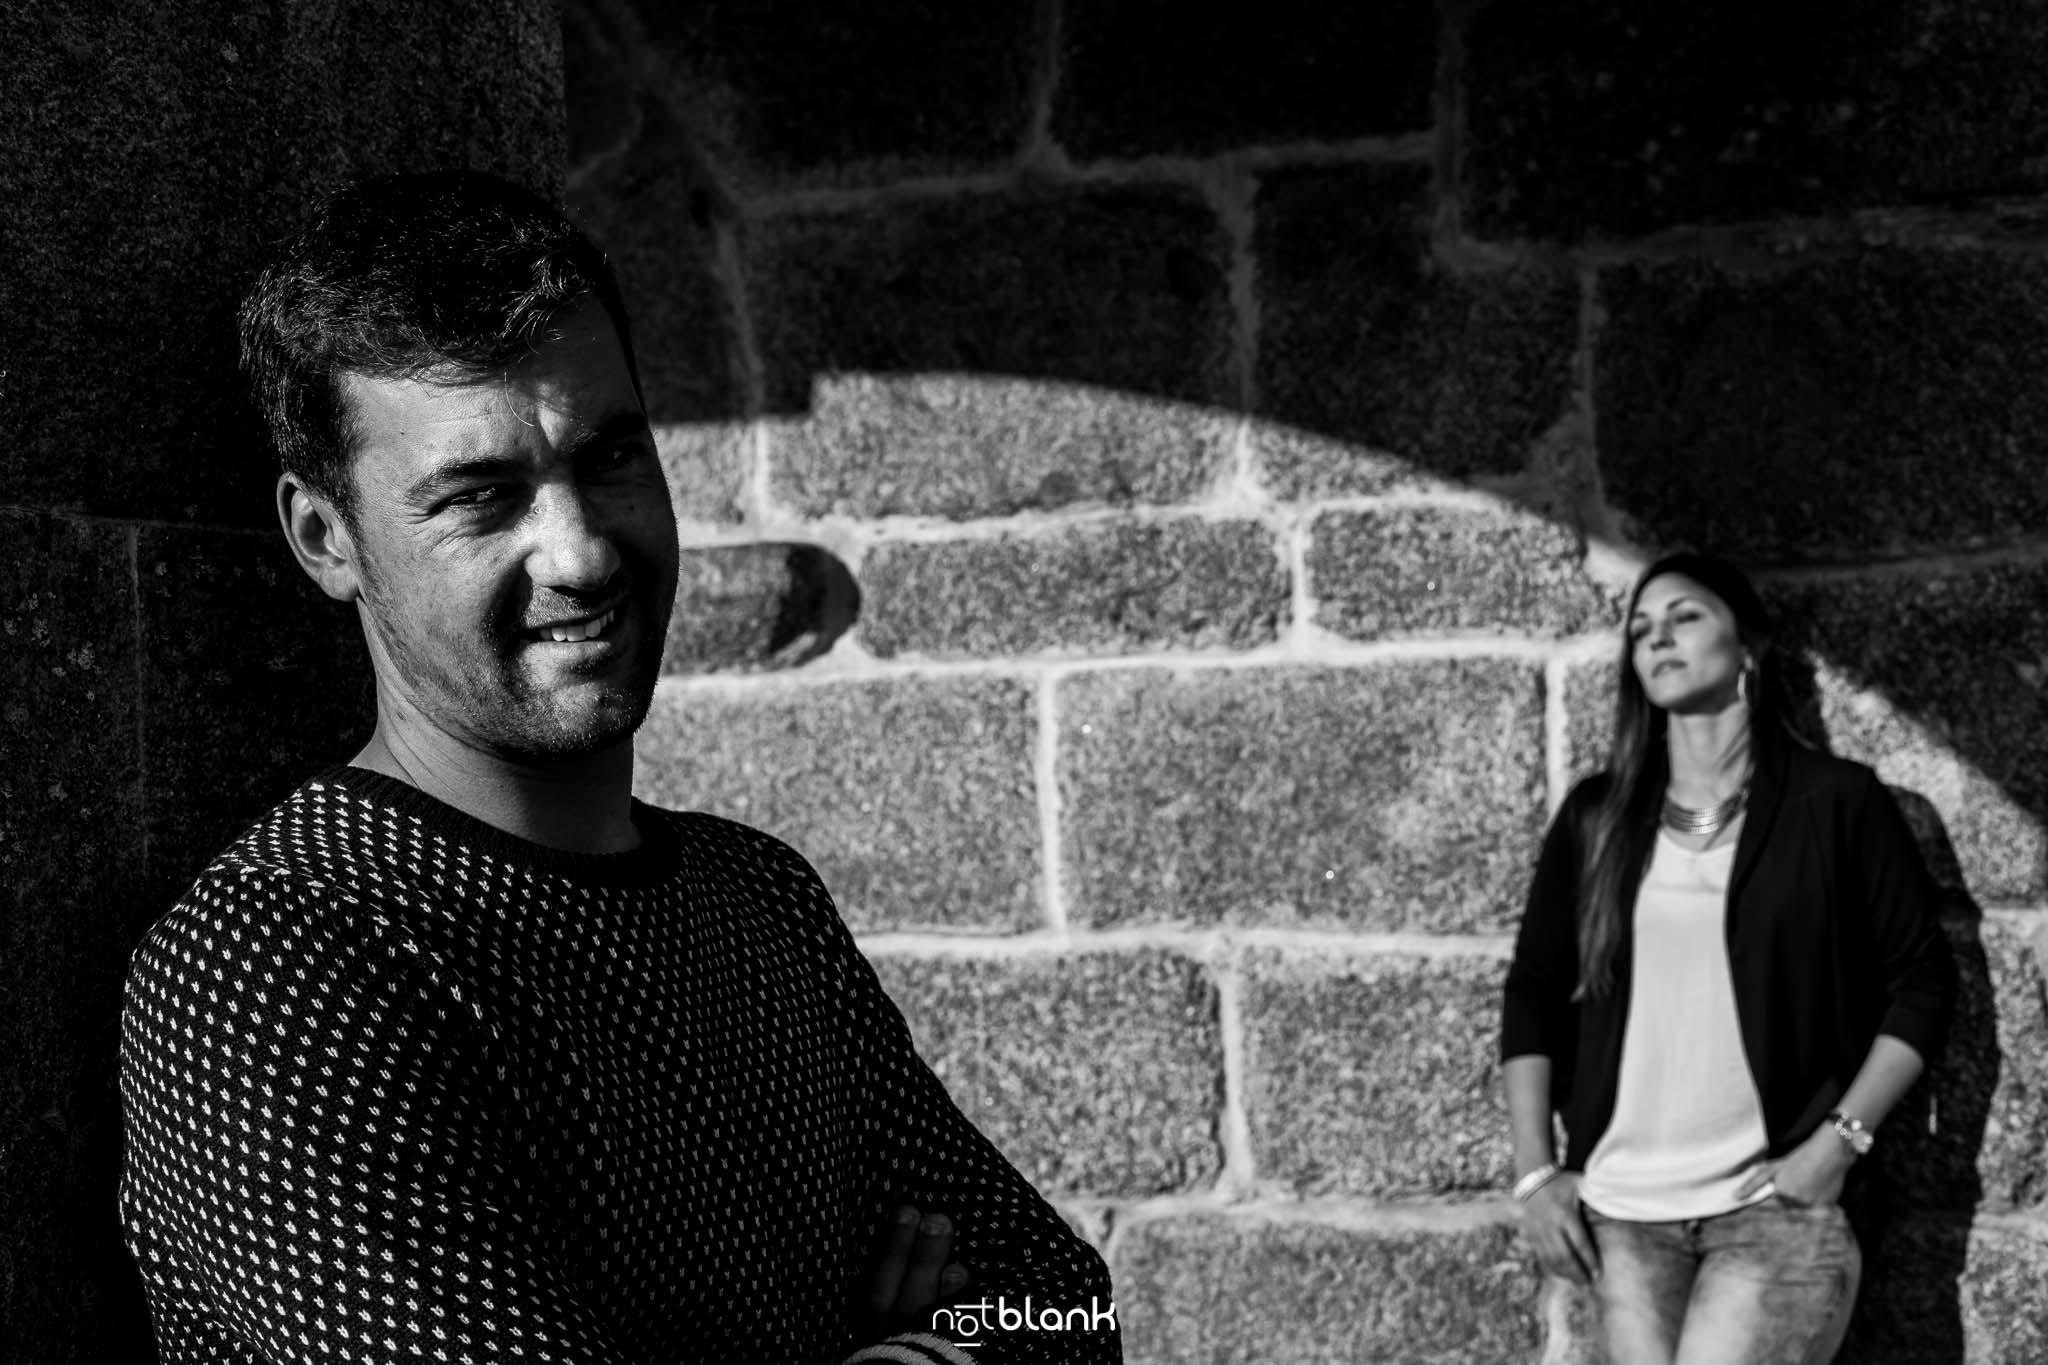 Preboda-Noe-Sito-A-Picoña-Notblank-Fotografos-De-Boda-Piedra-Retrato-Sombra-Luz-Sonrisa